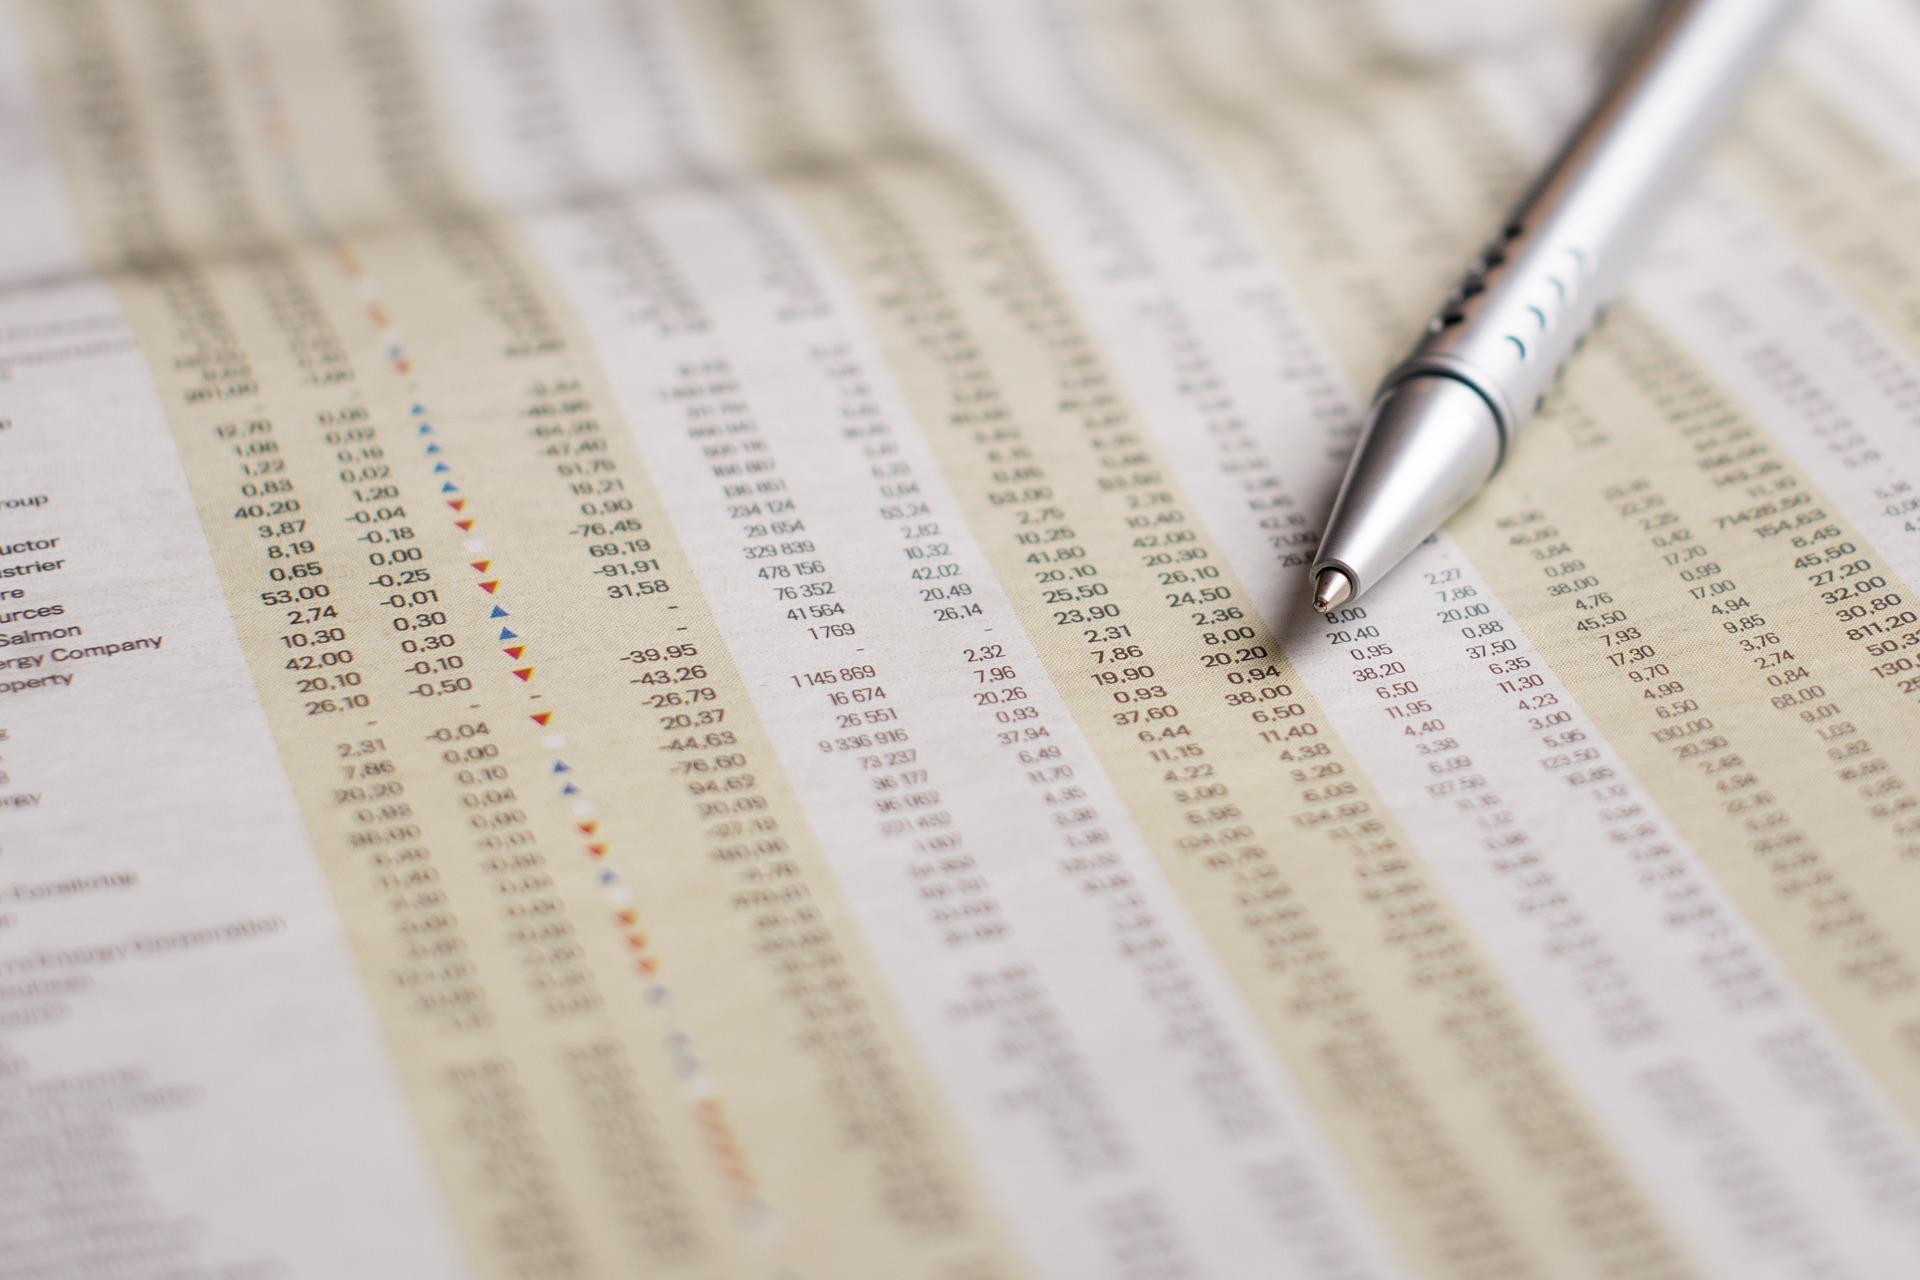 【米国株】暴落時に投資家がやってはいけない「4カ条」